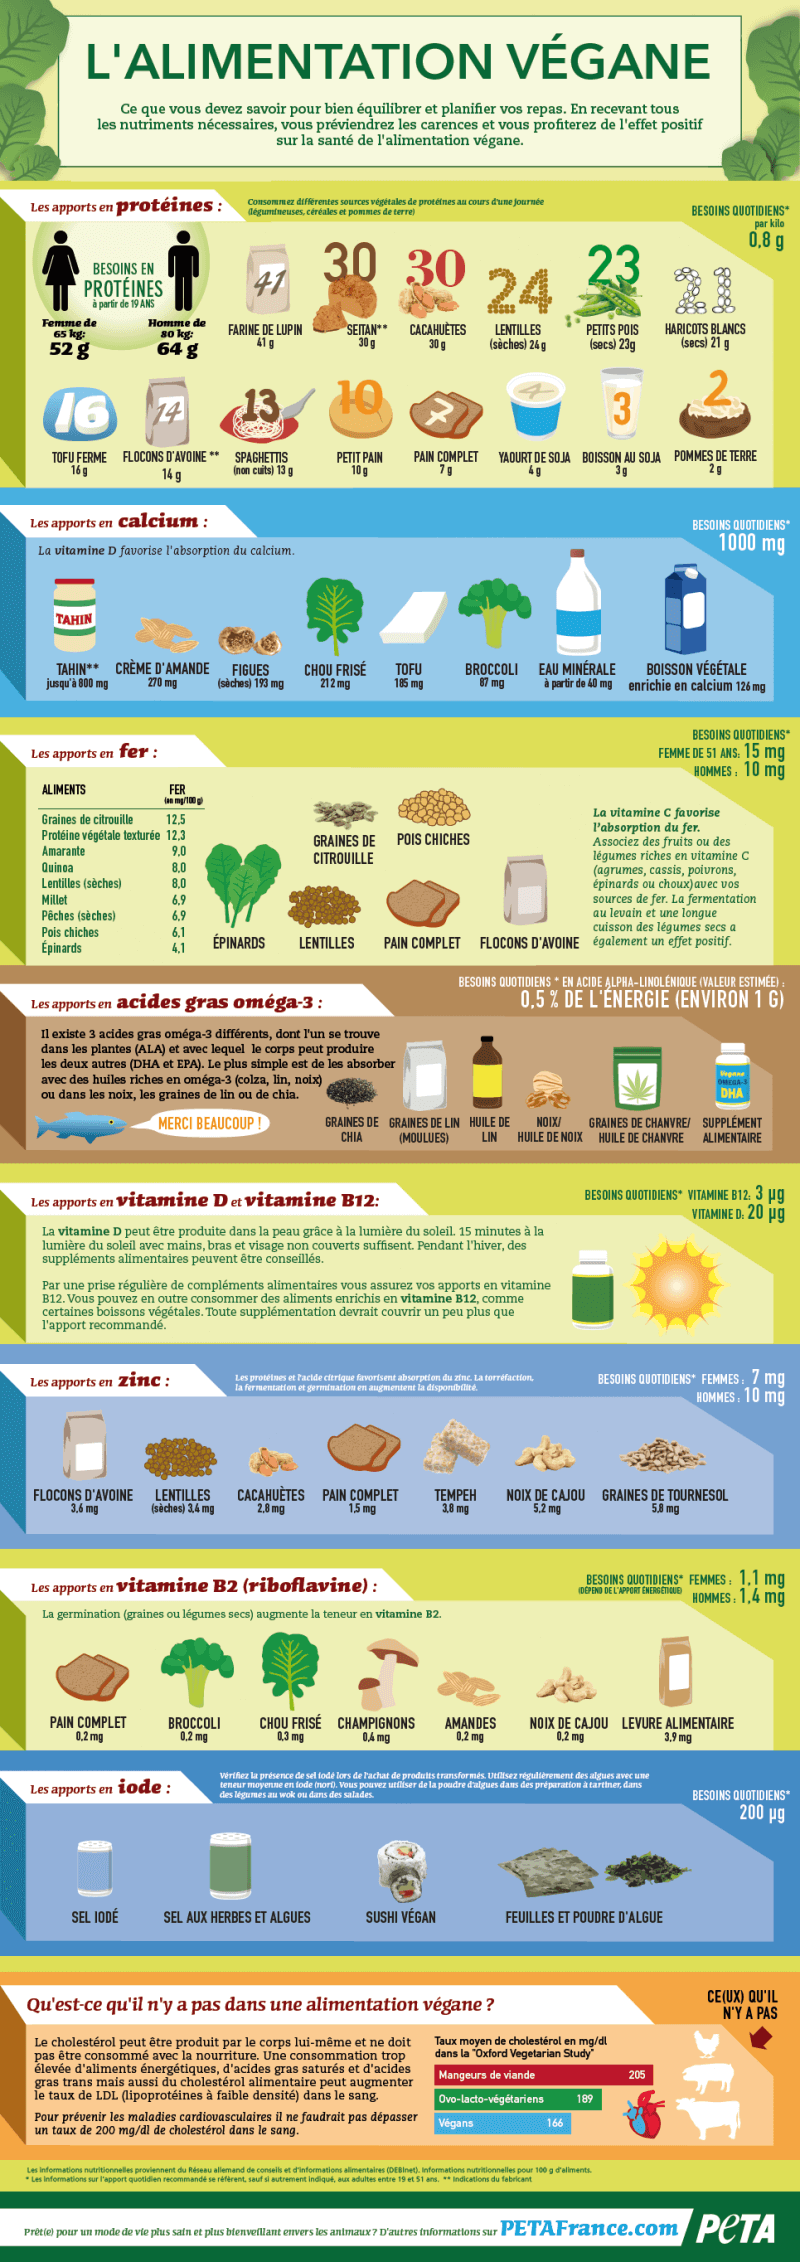 Les nutriments les plus importants dans l'alimentation végane | Actualités